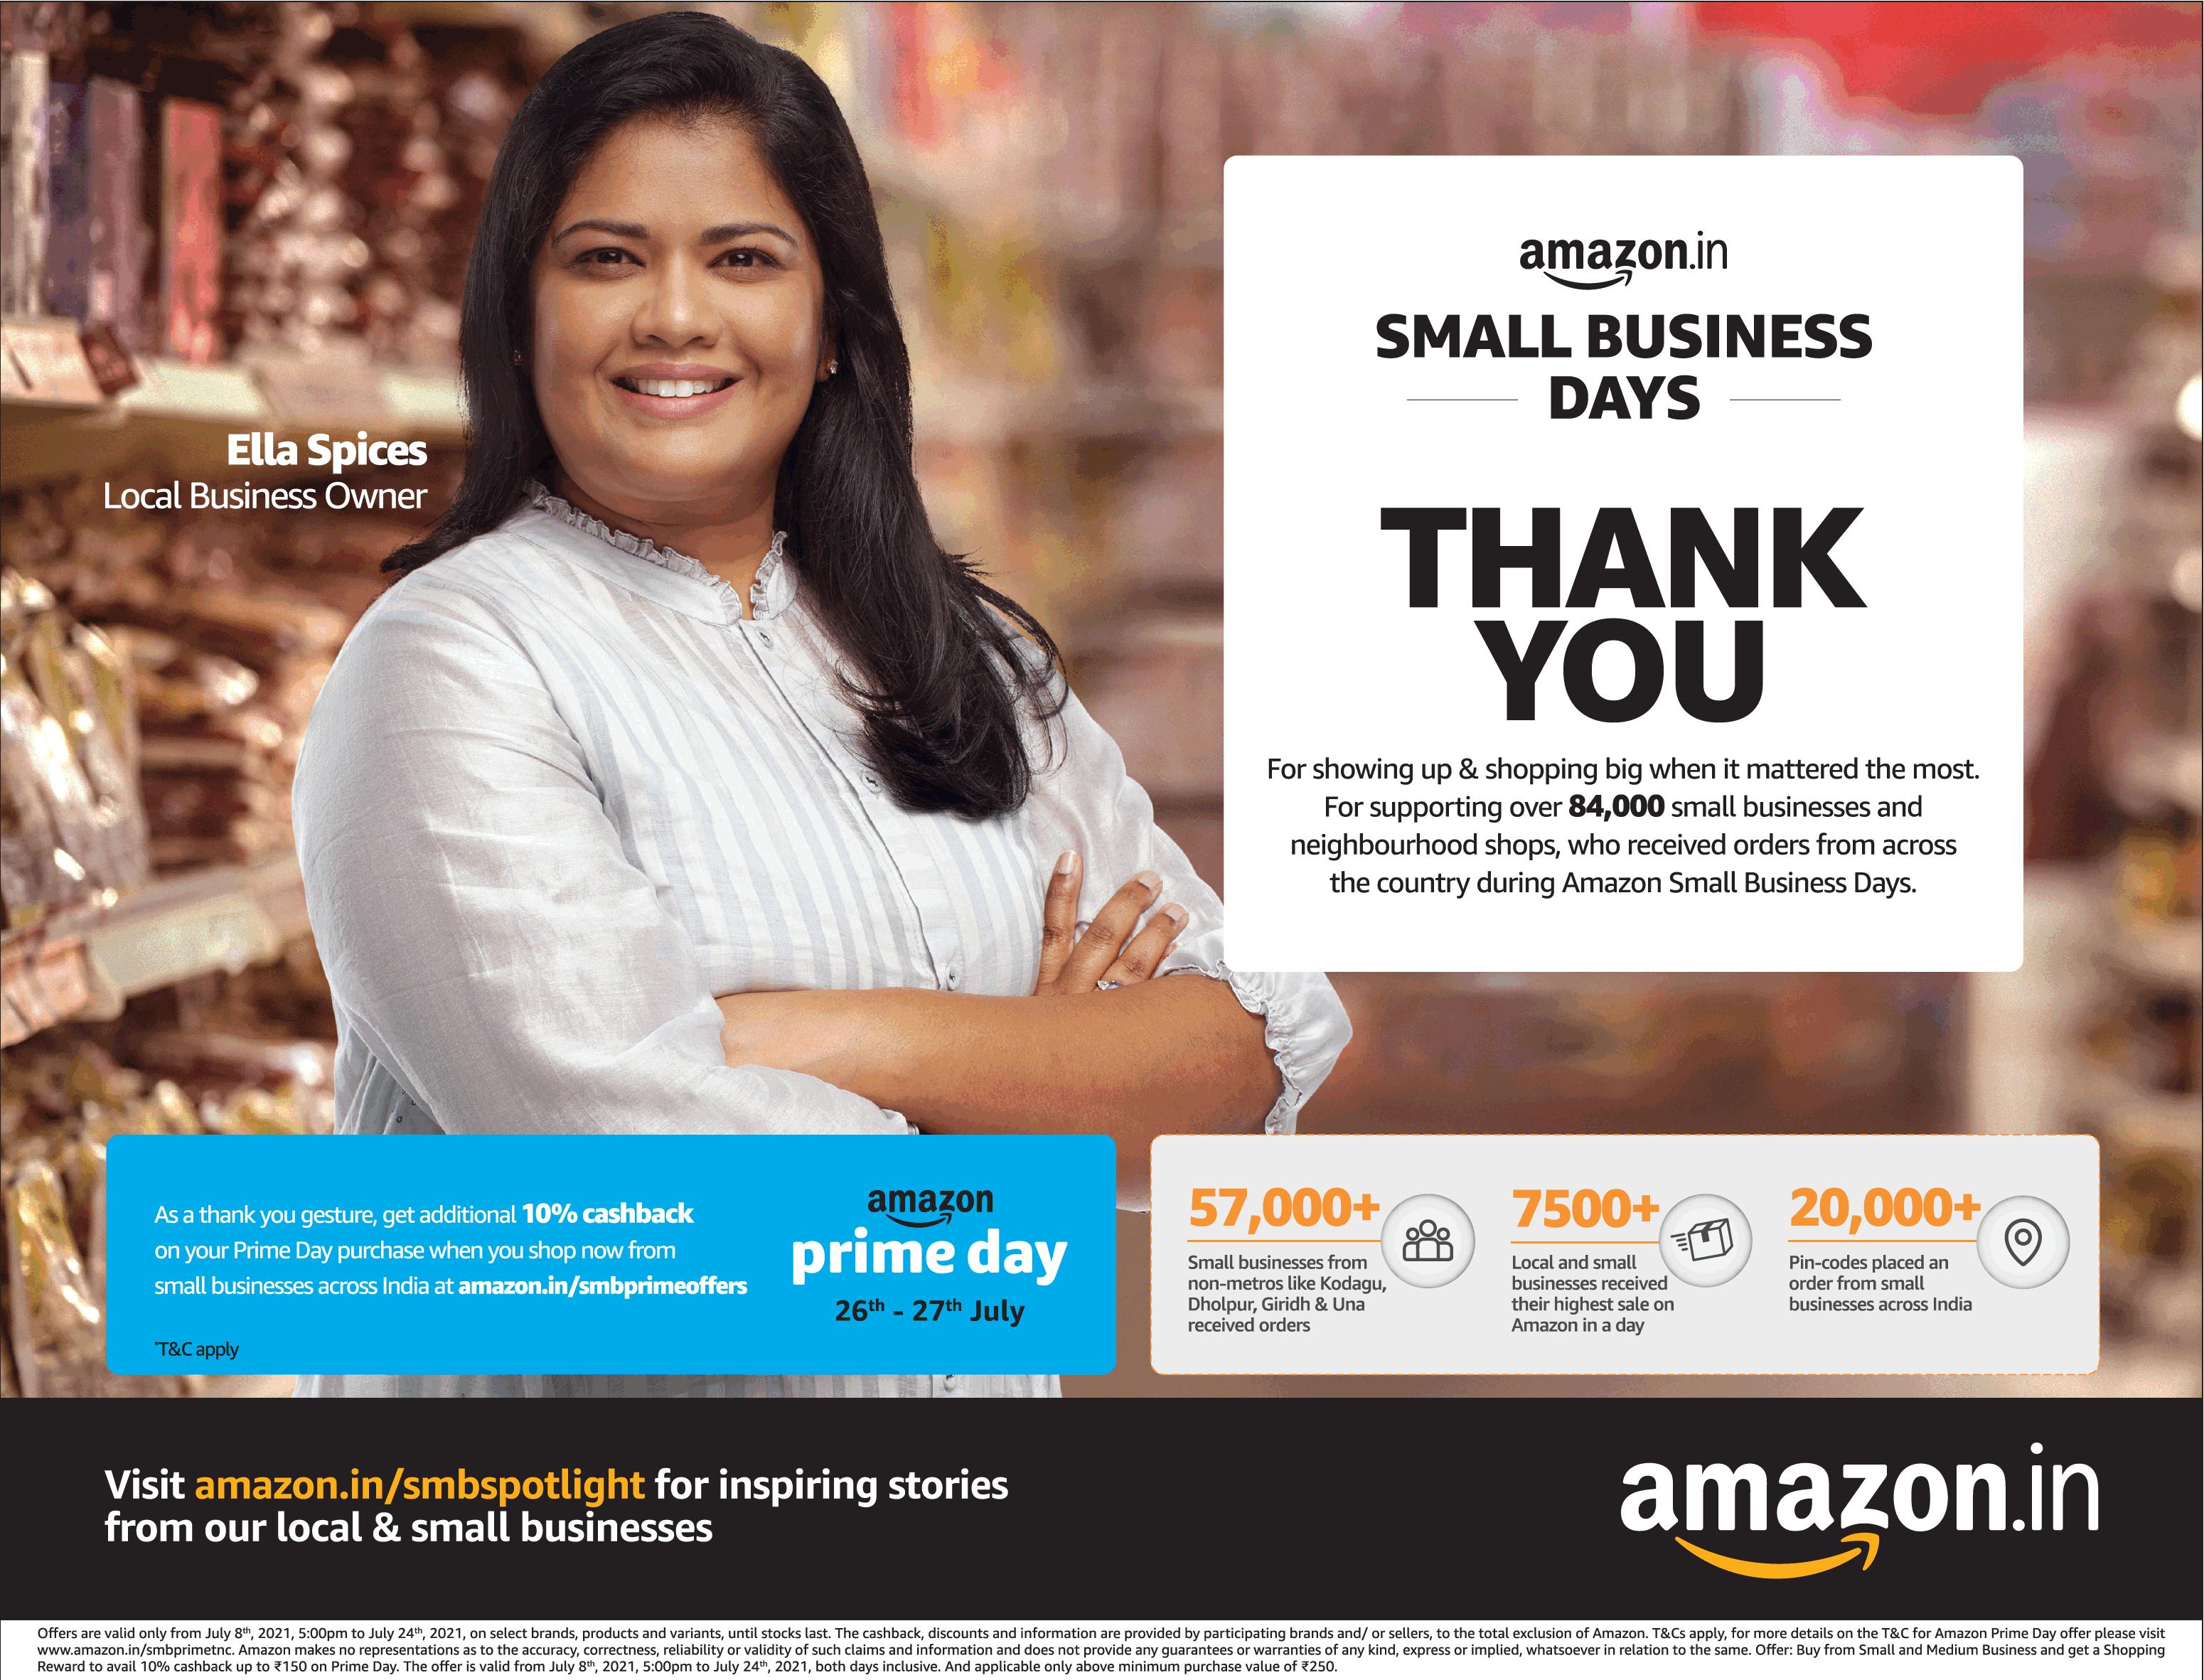 amazon-small-business-days-ella-spices-thank-you-ad-toi-mumbai-11-7-2021